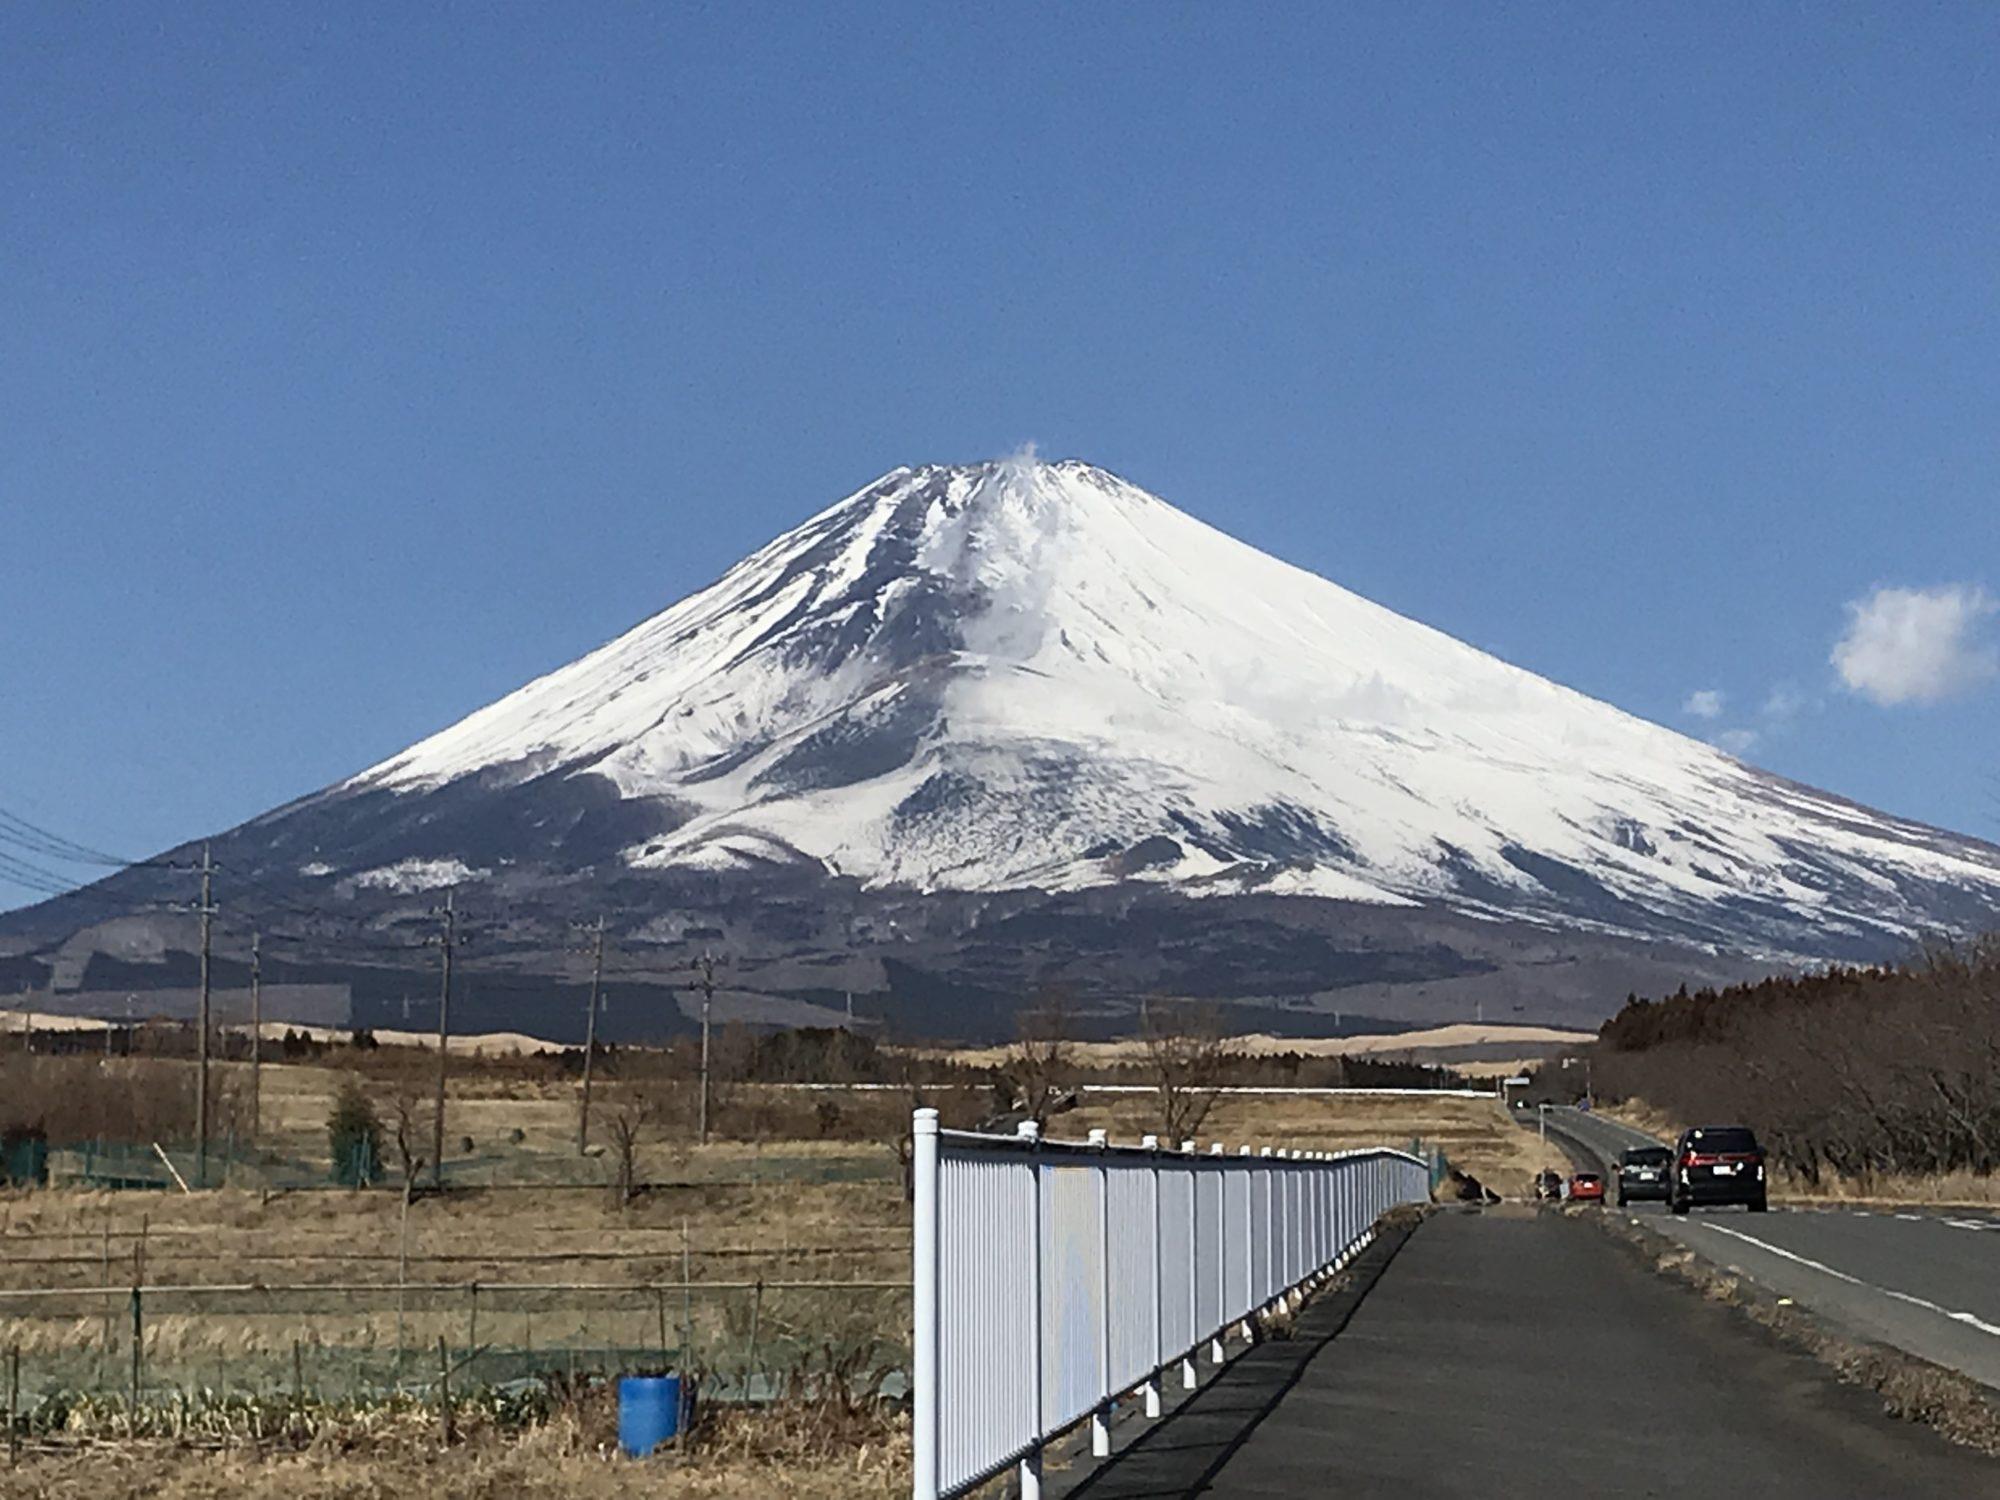 冬の富士山、食事処すそのへ向かう道